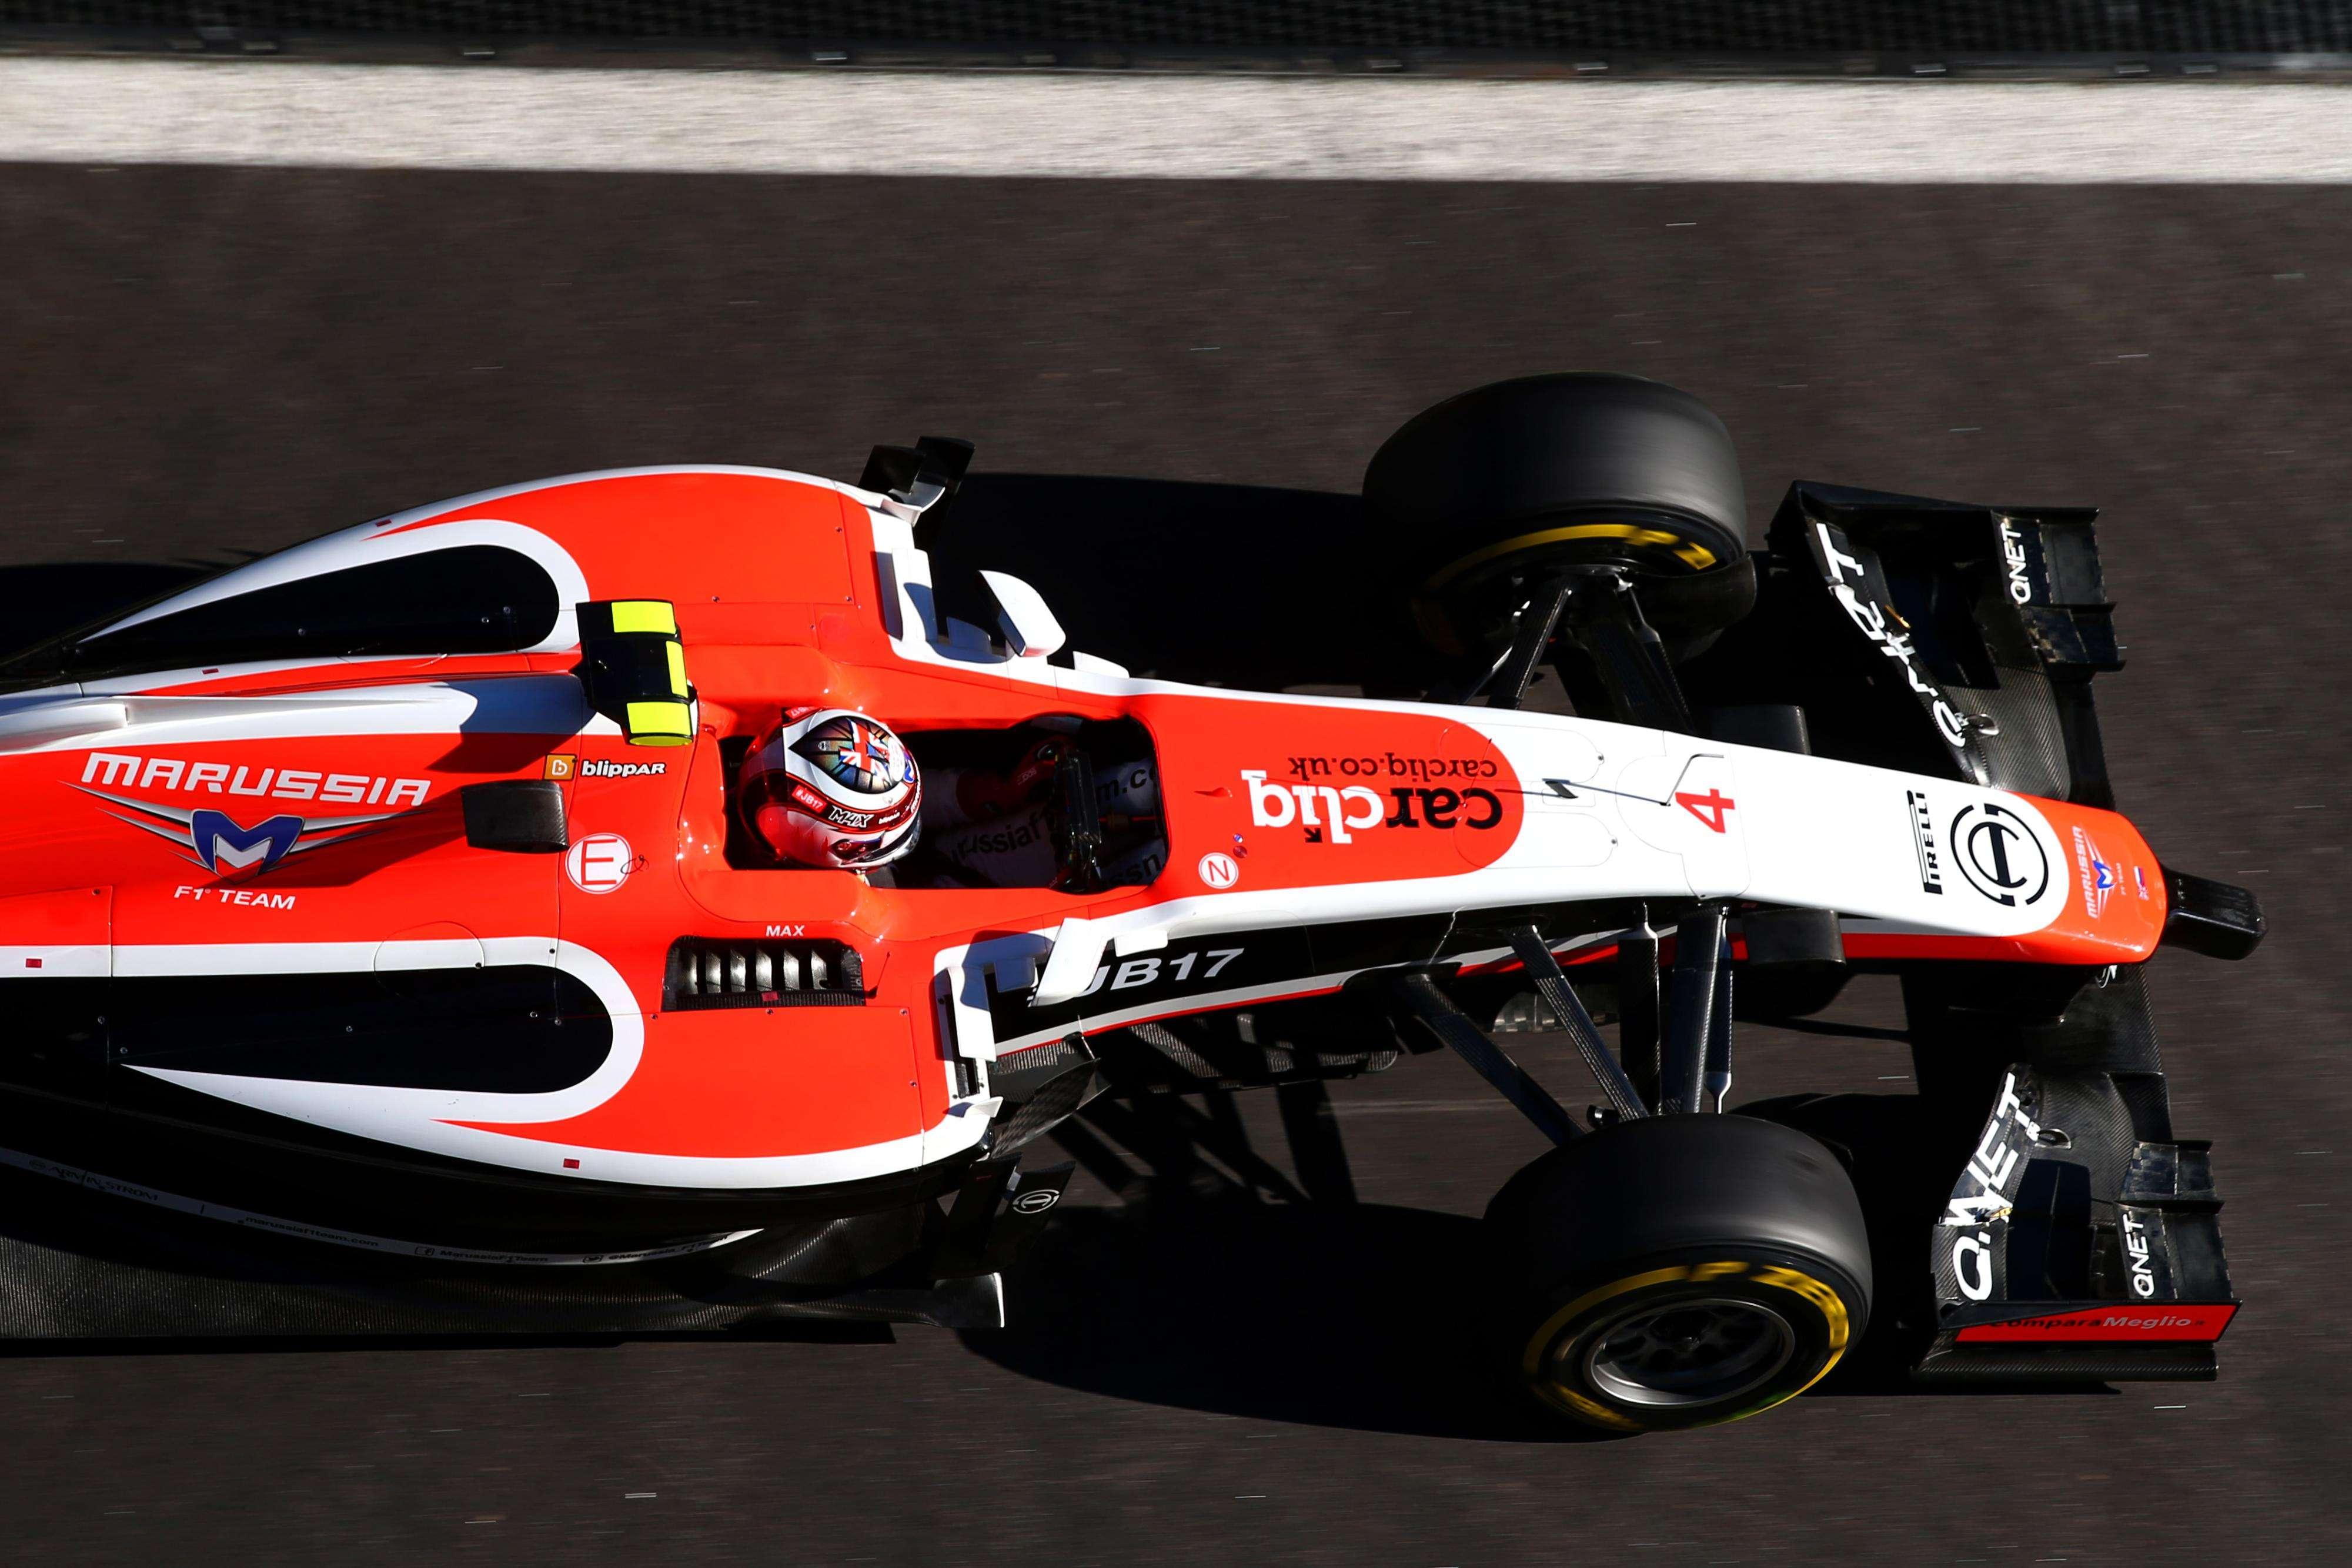 La escudería Marussia dice adiós a la Fórmula 1 por temas económicos Foto: Gettyimages